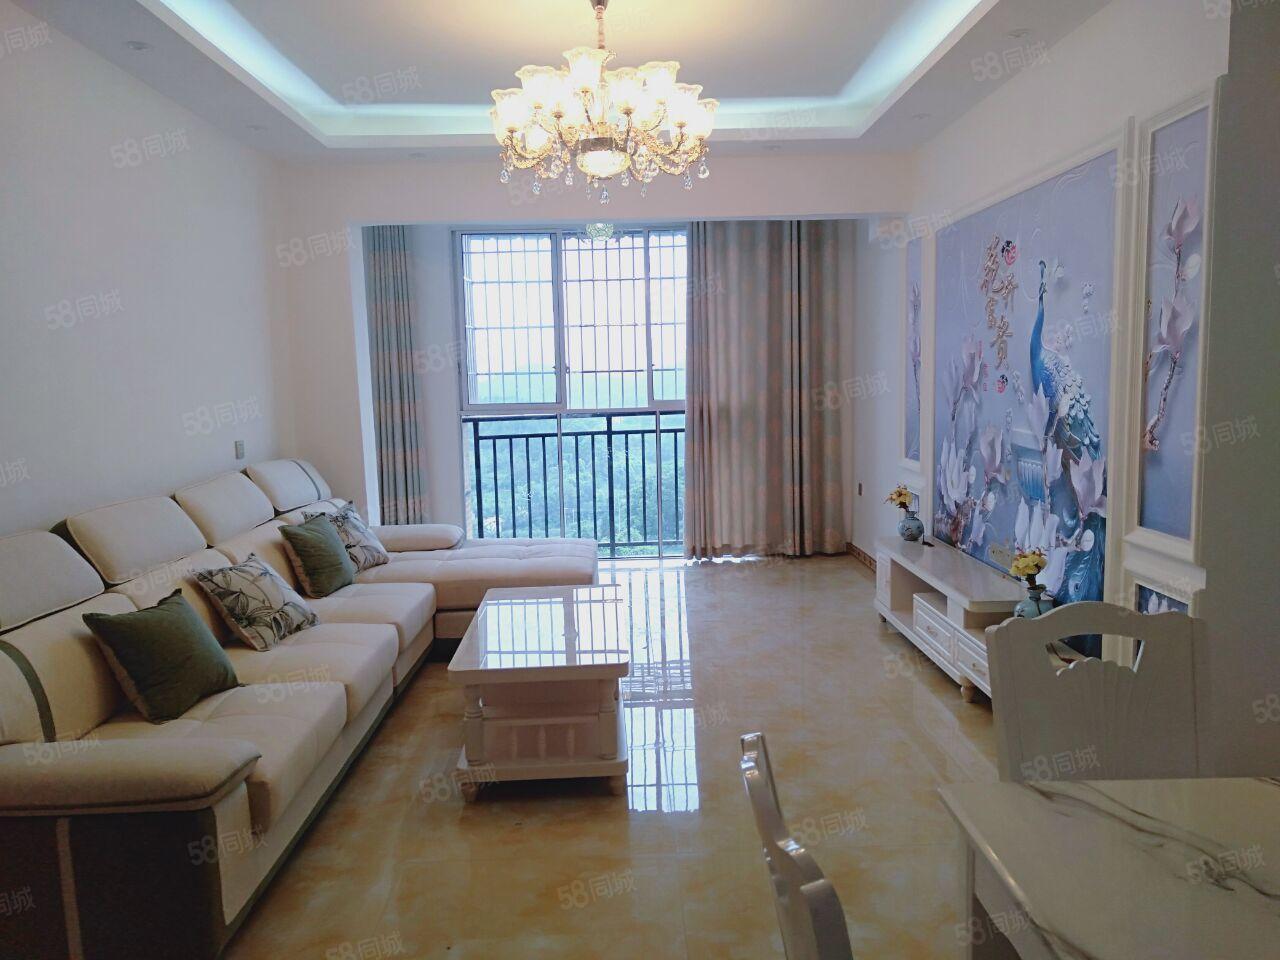 香溪美地电梯20楼3室2厅2卫102平米全新精装修可按揭